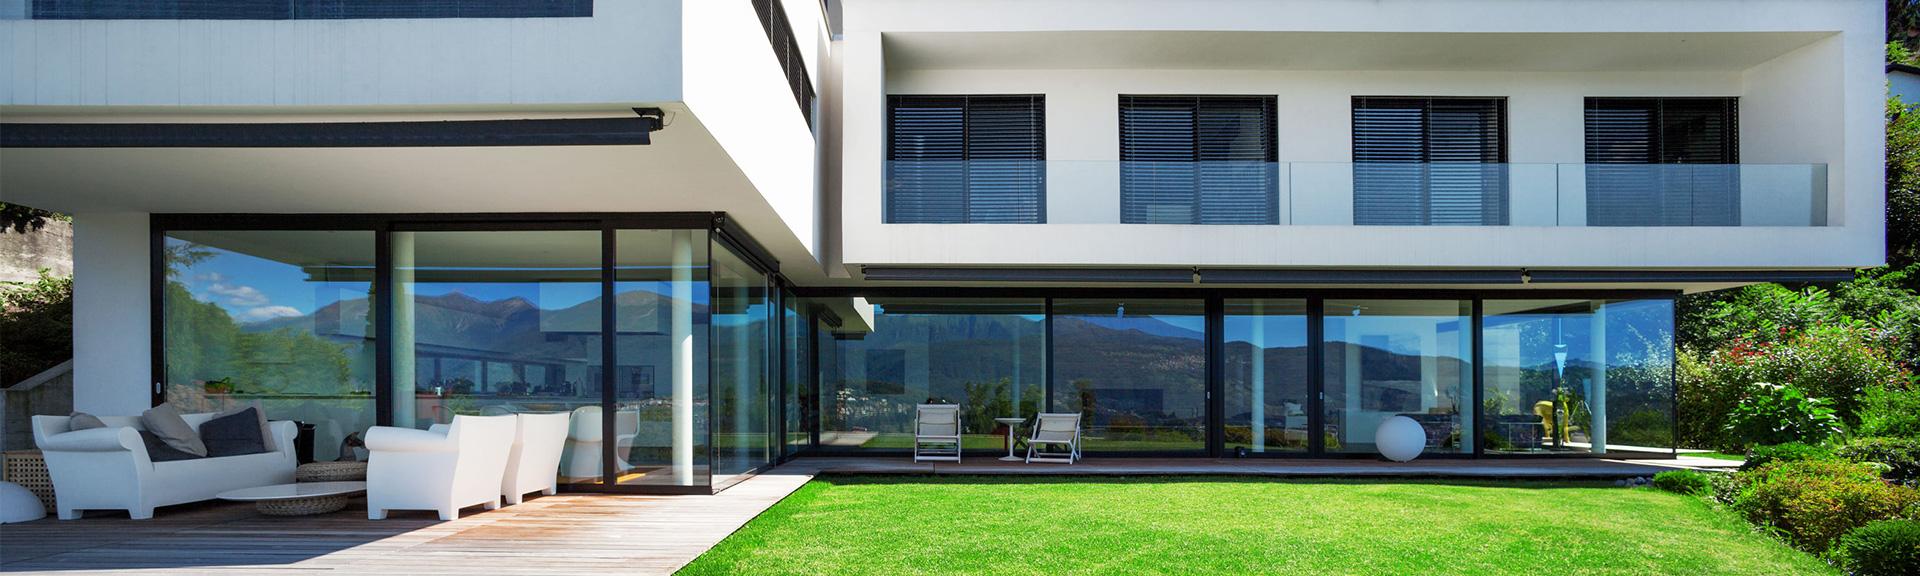 Weltnorm - Premium kakovostna vrata in okna